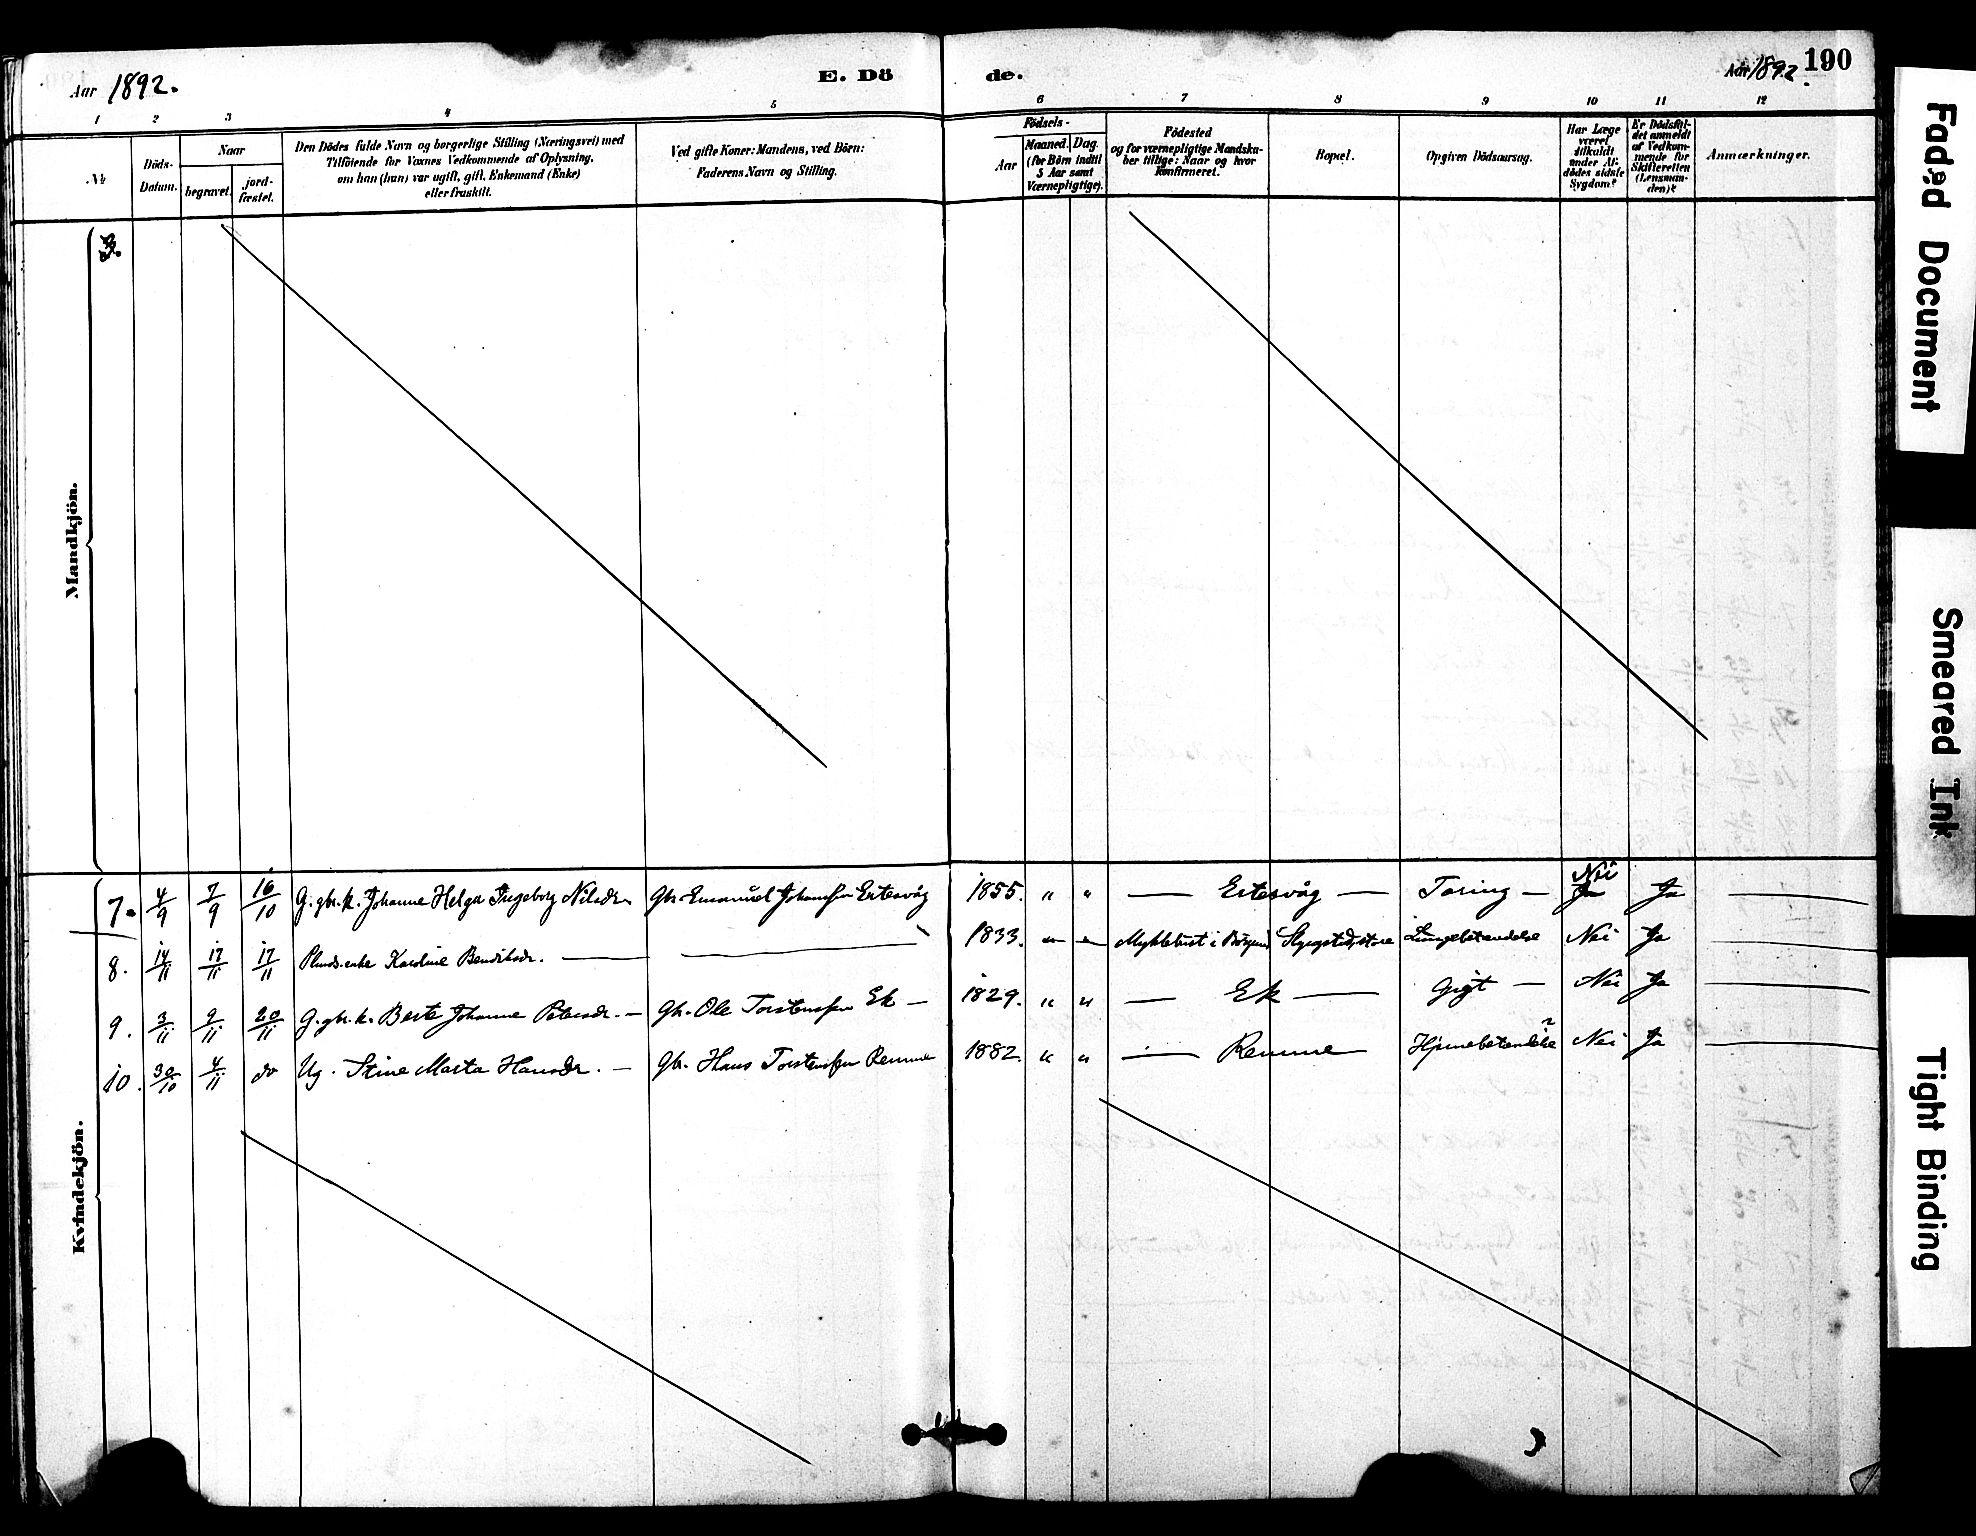 SAT, Ministerialprotokoller, klokkerbøker og fødselsregistre - Møre og Romsdal, 525/L0374: Ministerialbok nr. 525A04, 1880-1899, s. 190